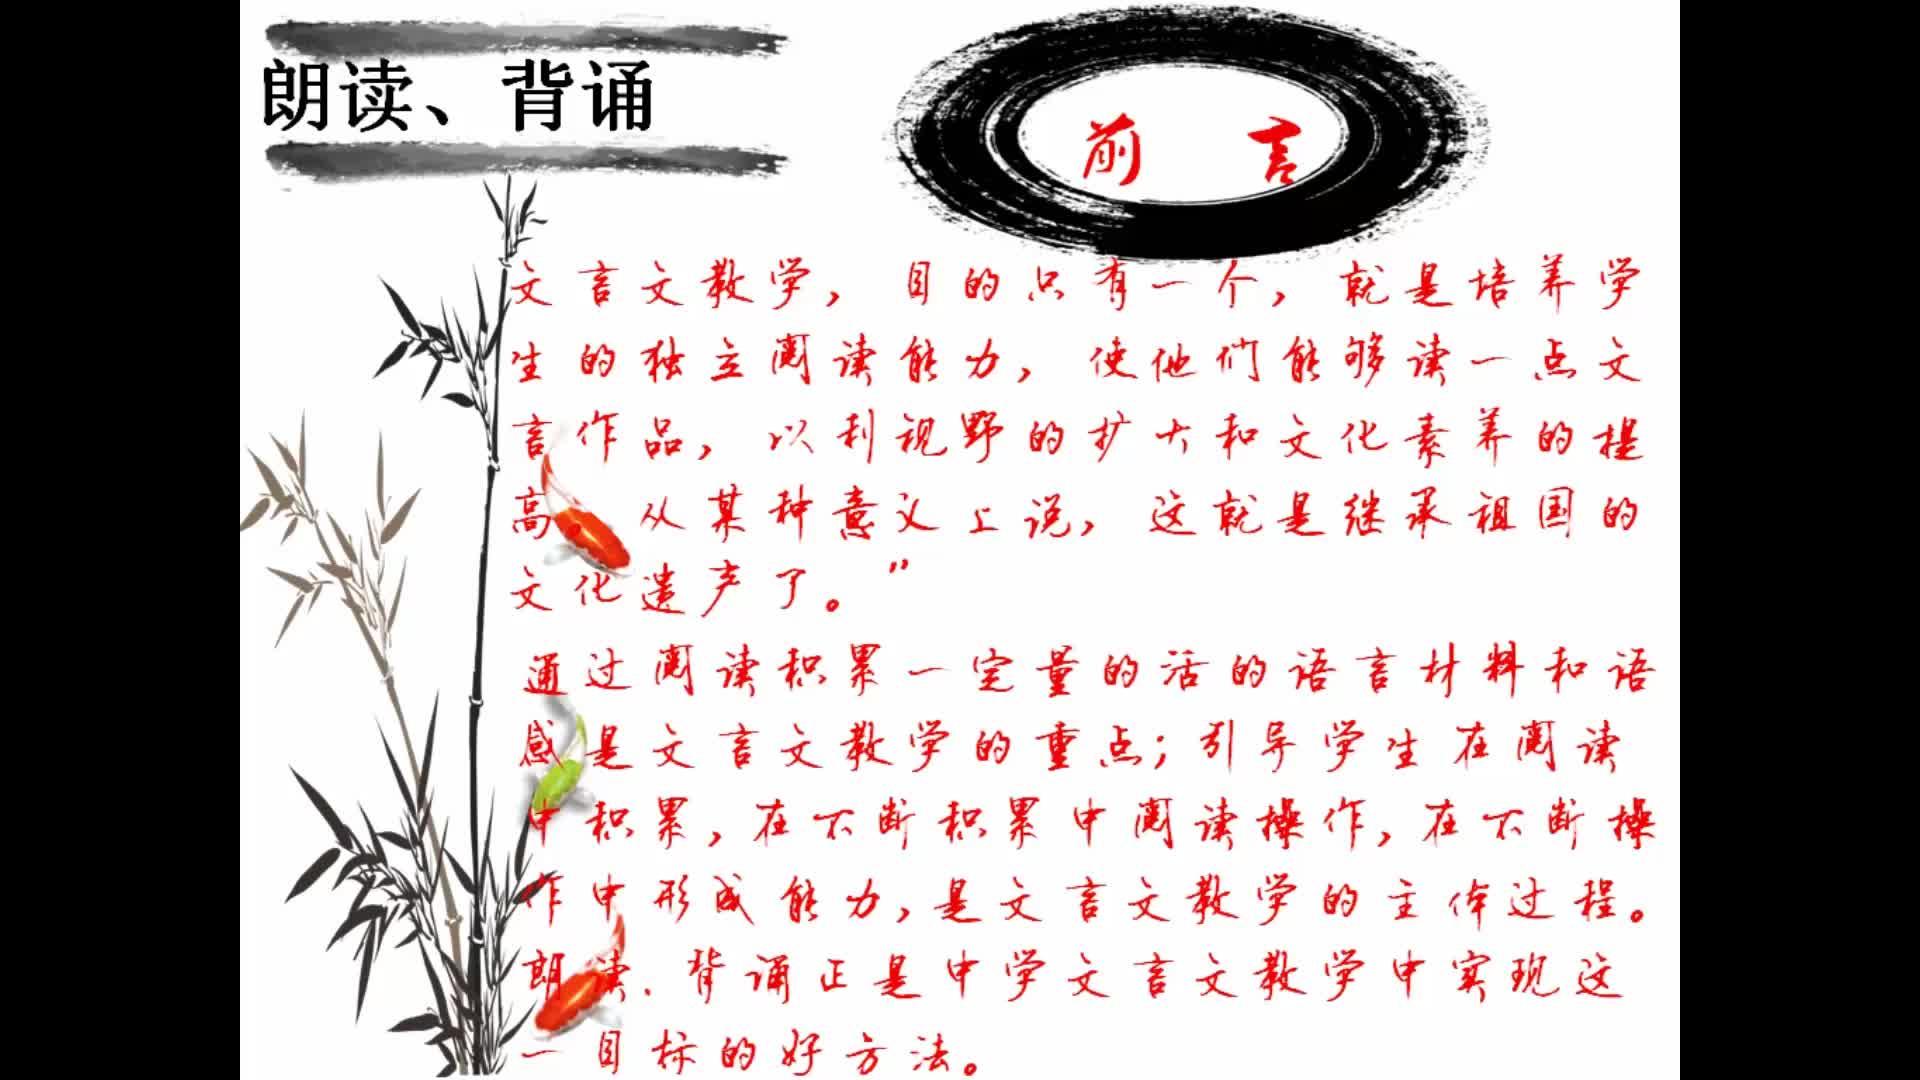 人教版 七年级语文下册《狼》微课